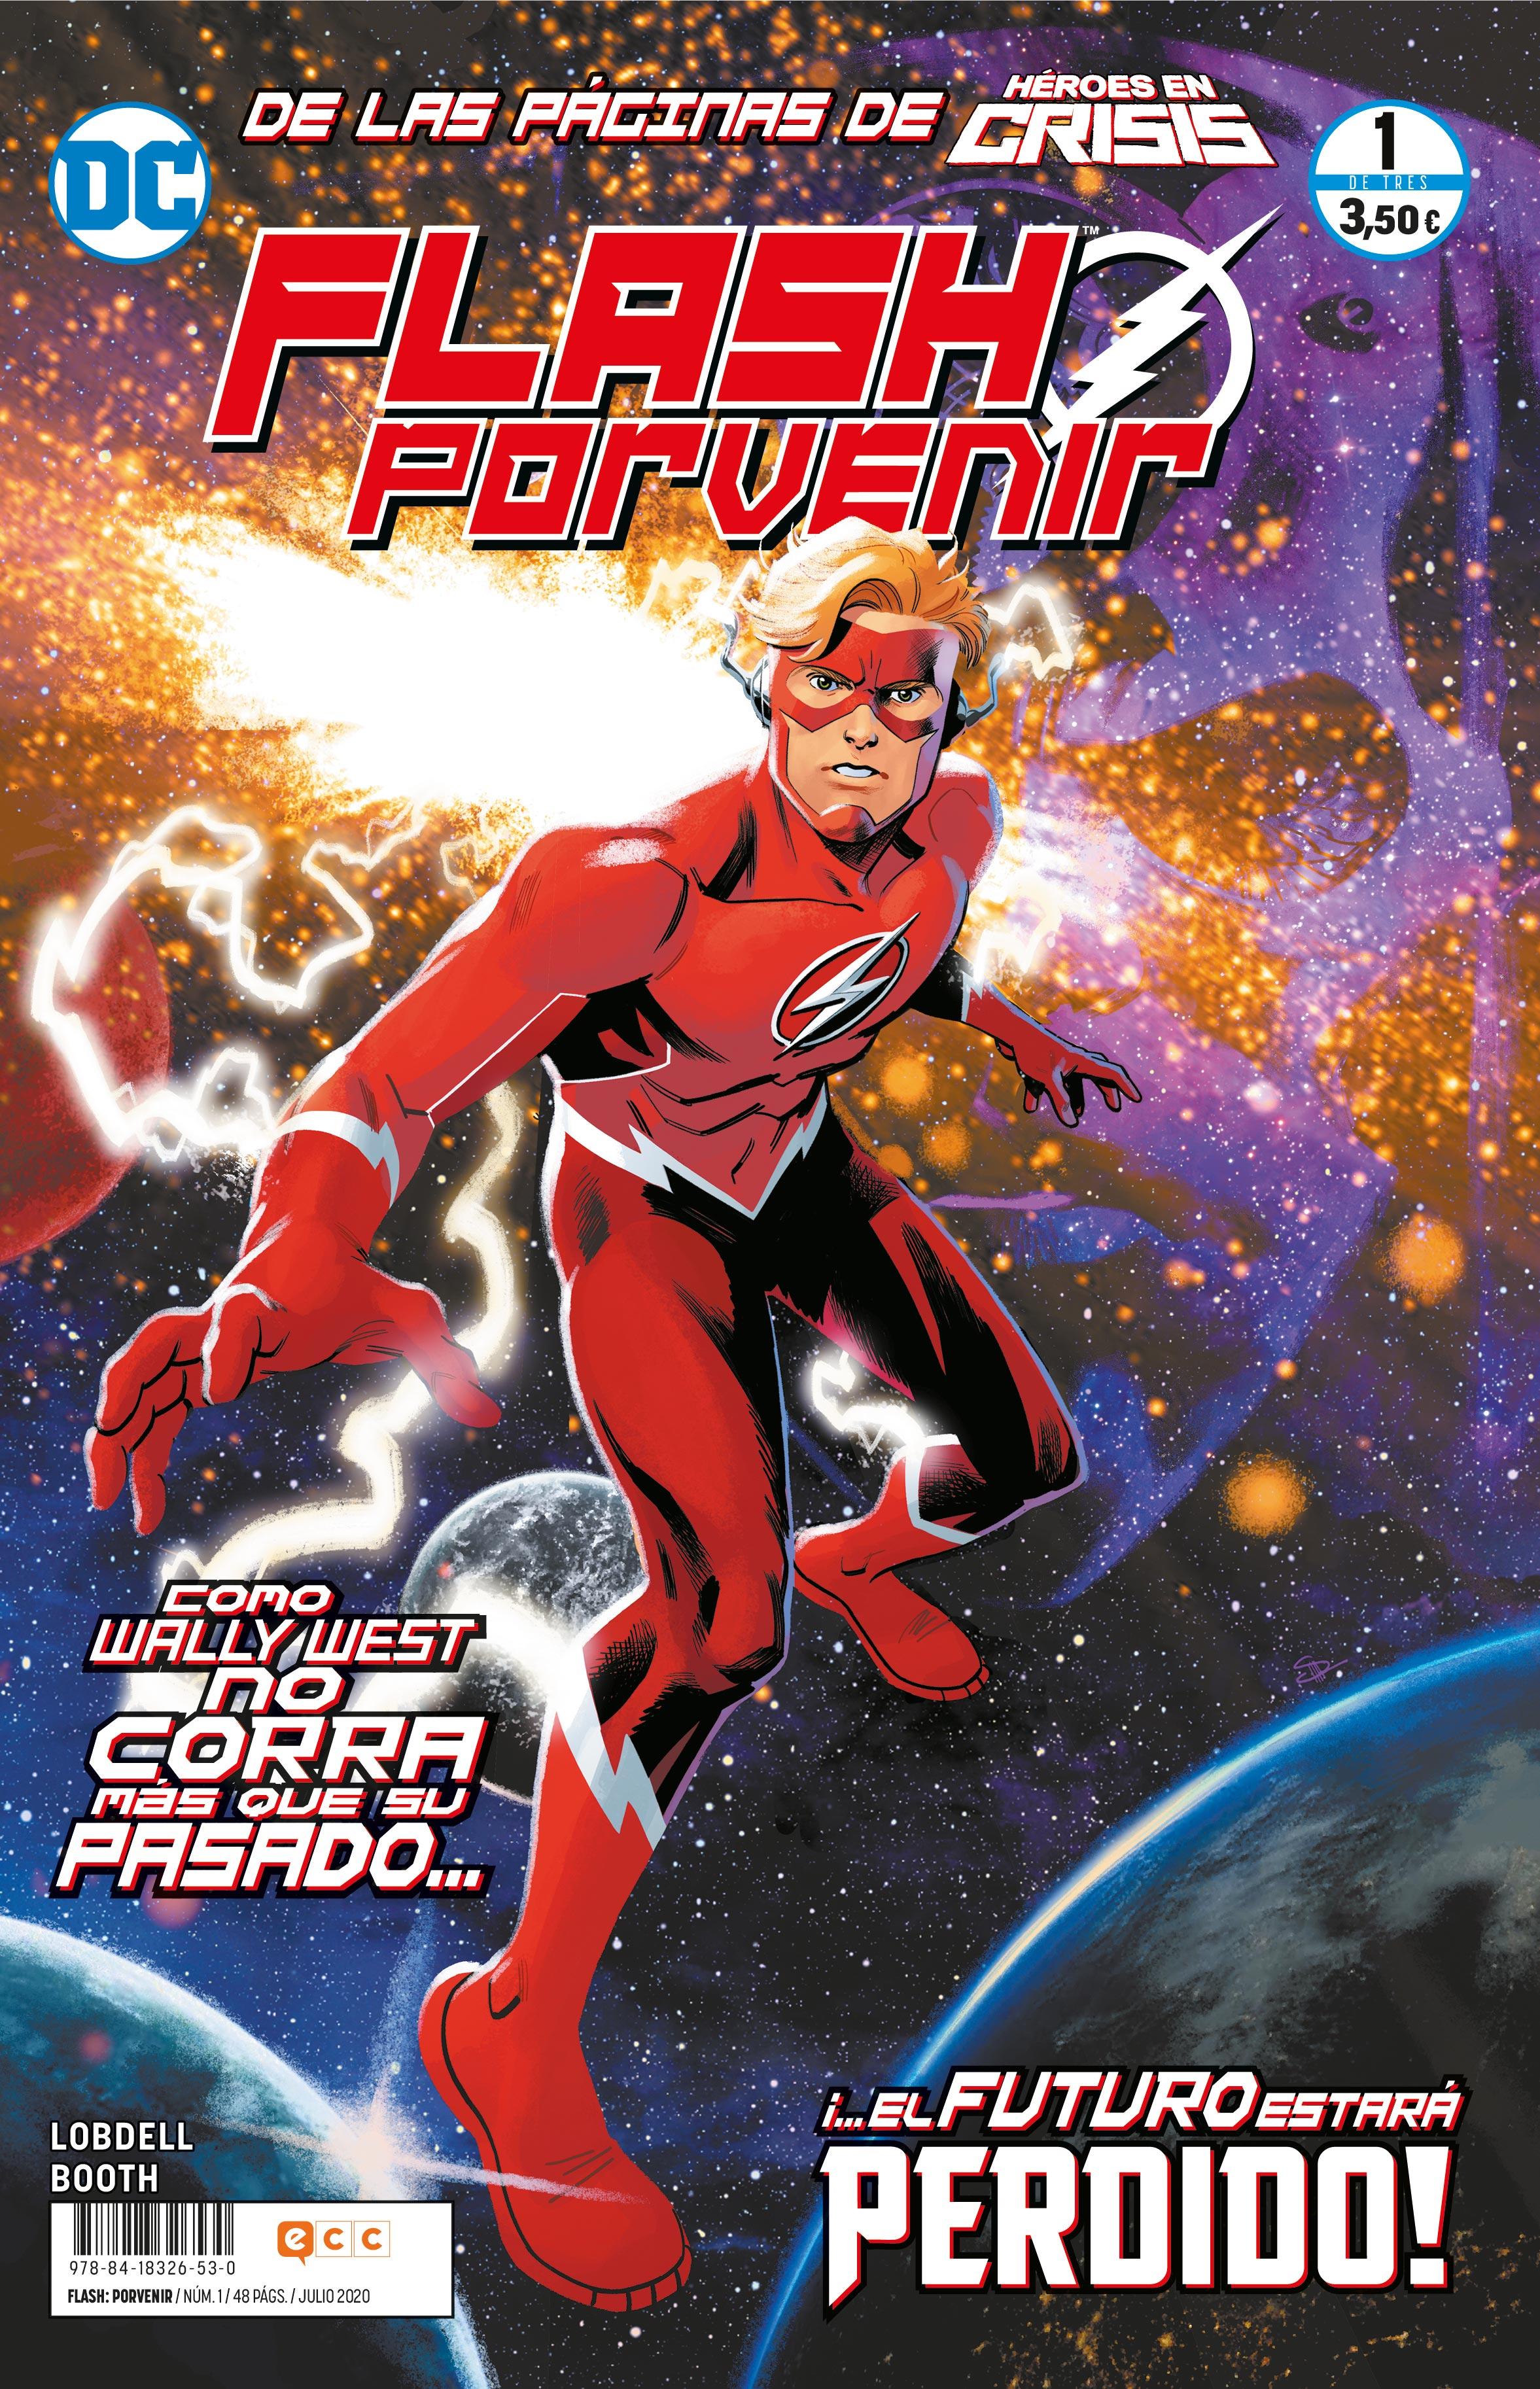 Flash: Provenir #1